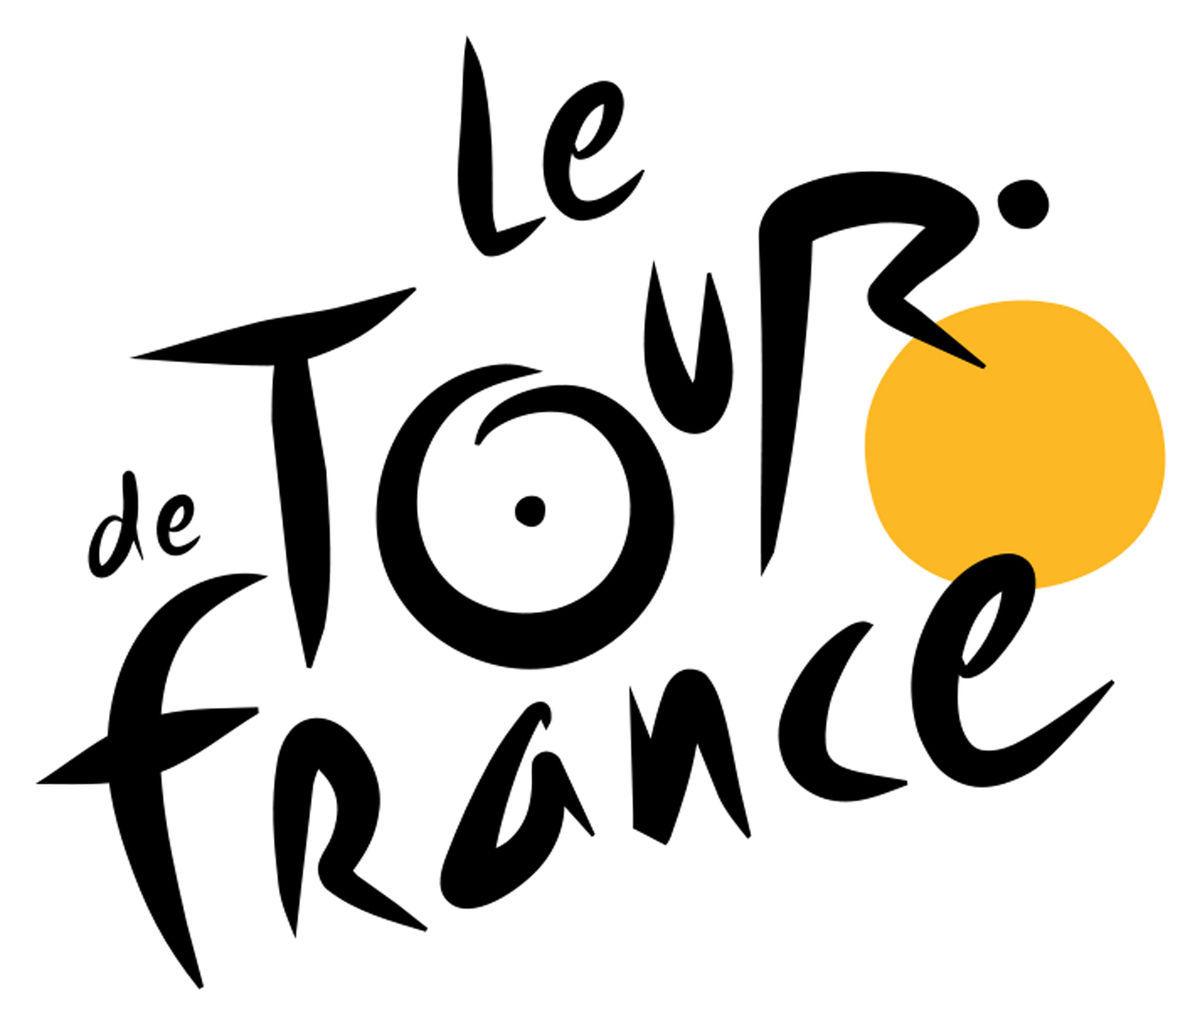 ¿Qué ciclista ha ganado más Tours de Francia?